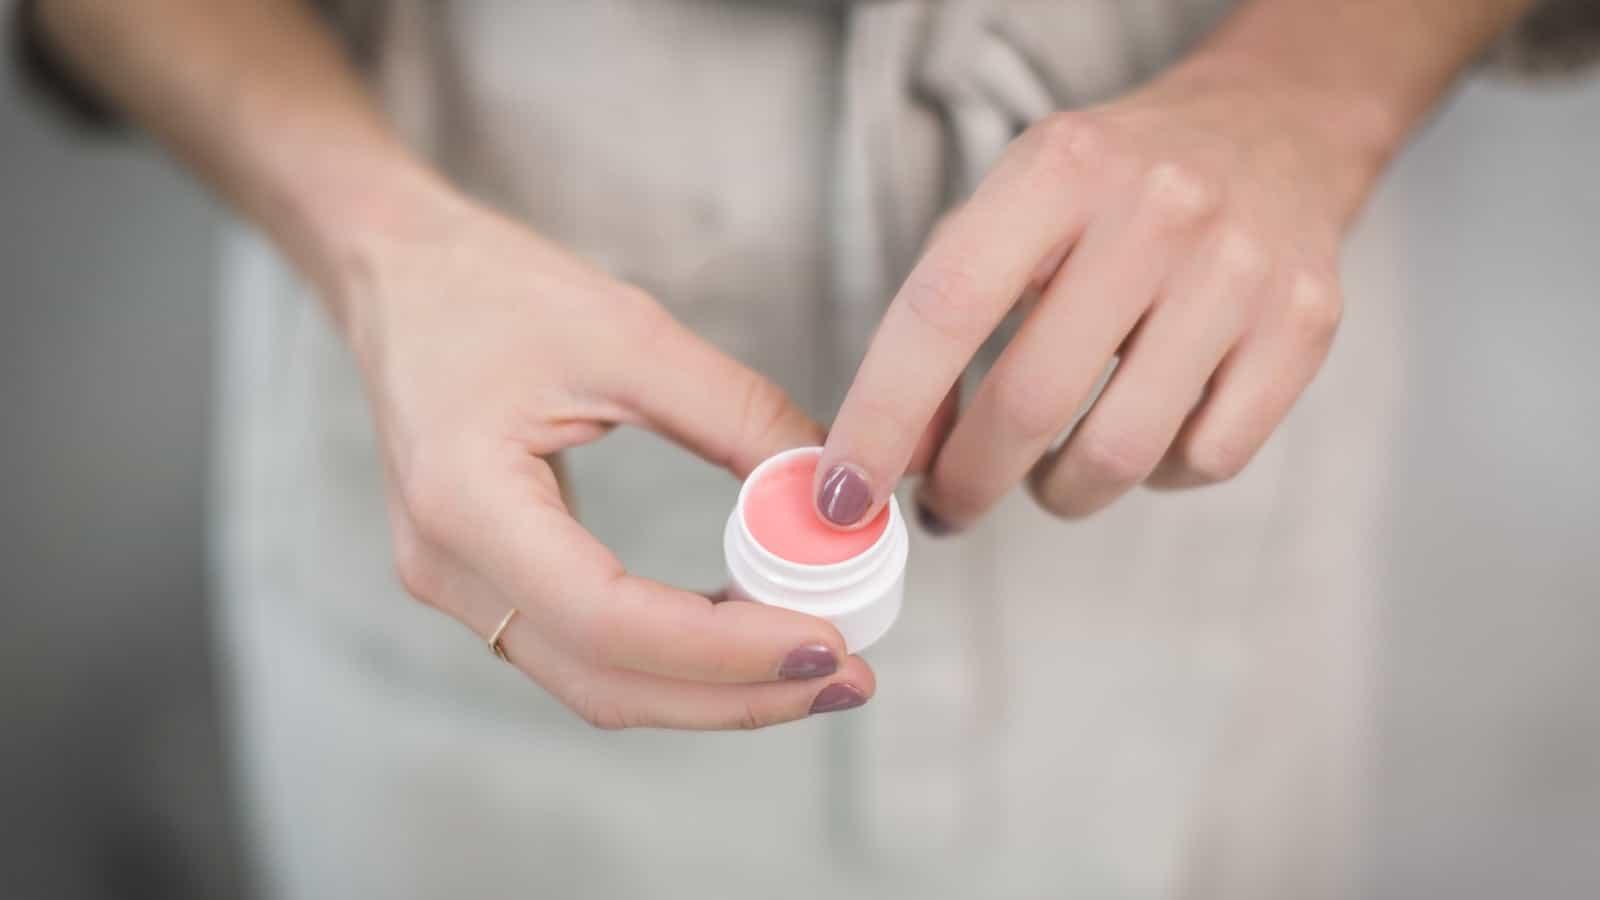 Salbe gegen blaue Flecken- Welche Salbe hilft wirklich?